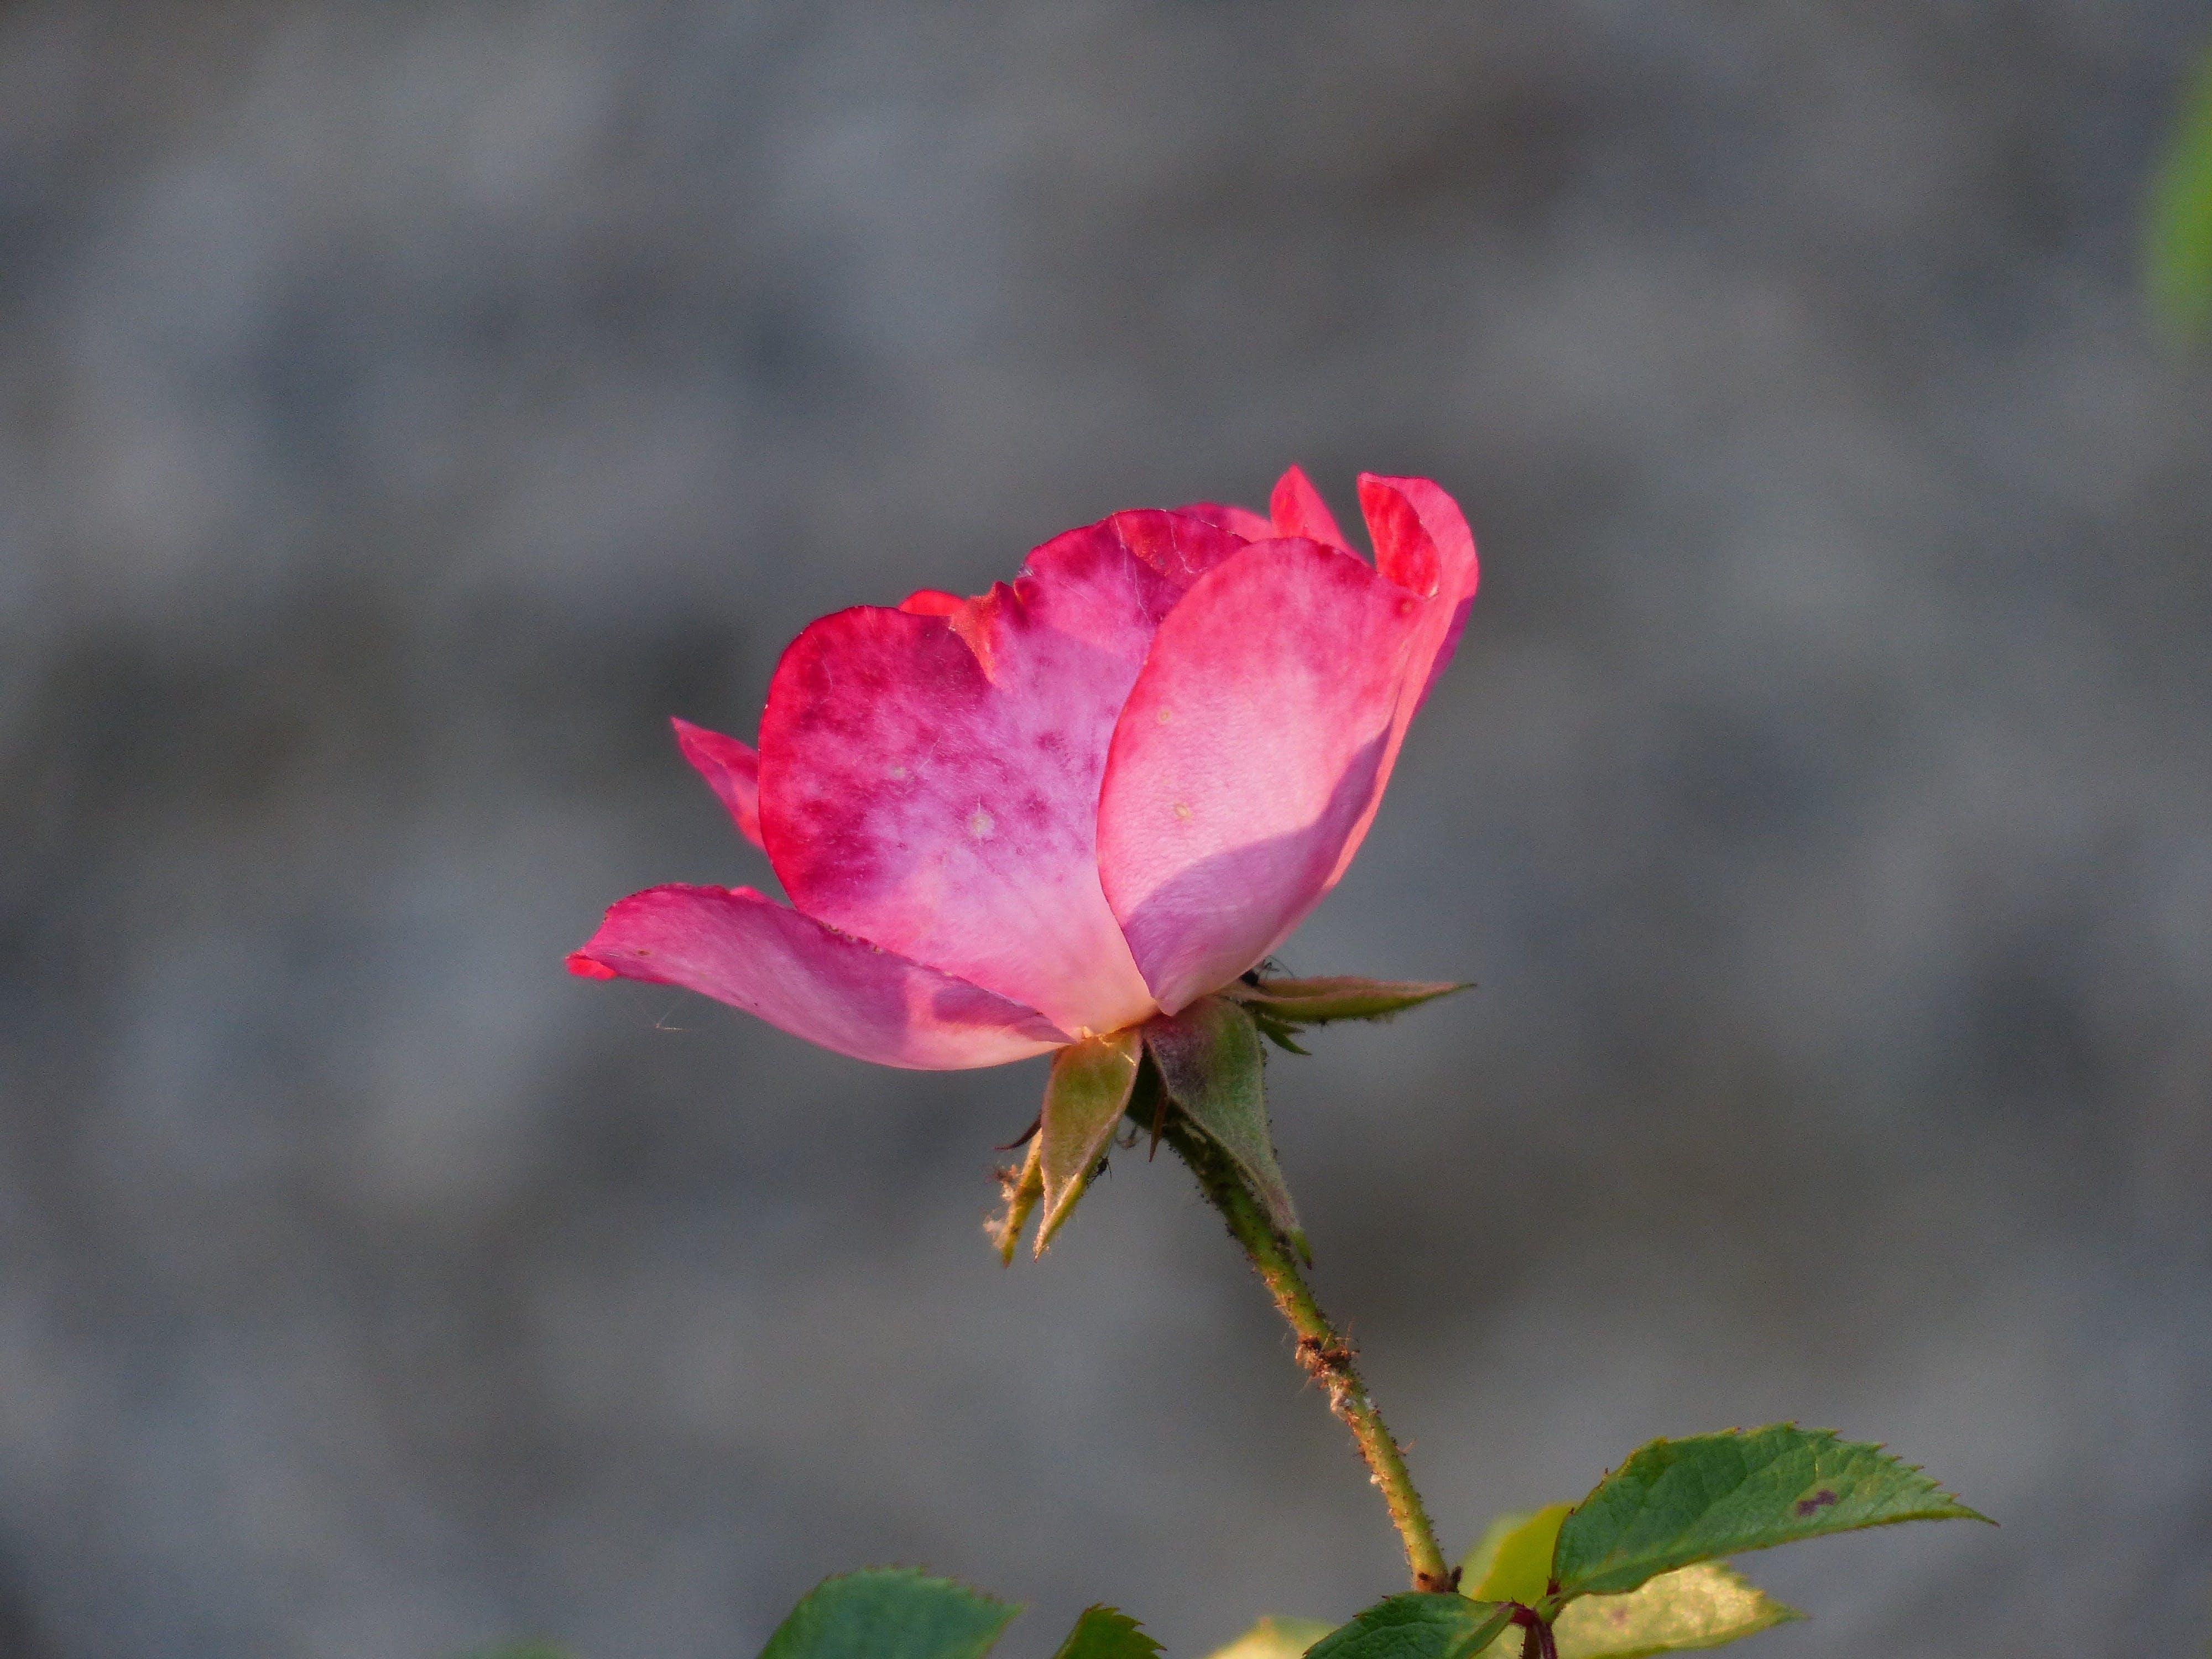 Základová fotografie zdarma na téma kvést, květ, kytka, okvětní lístky